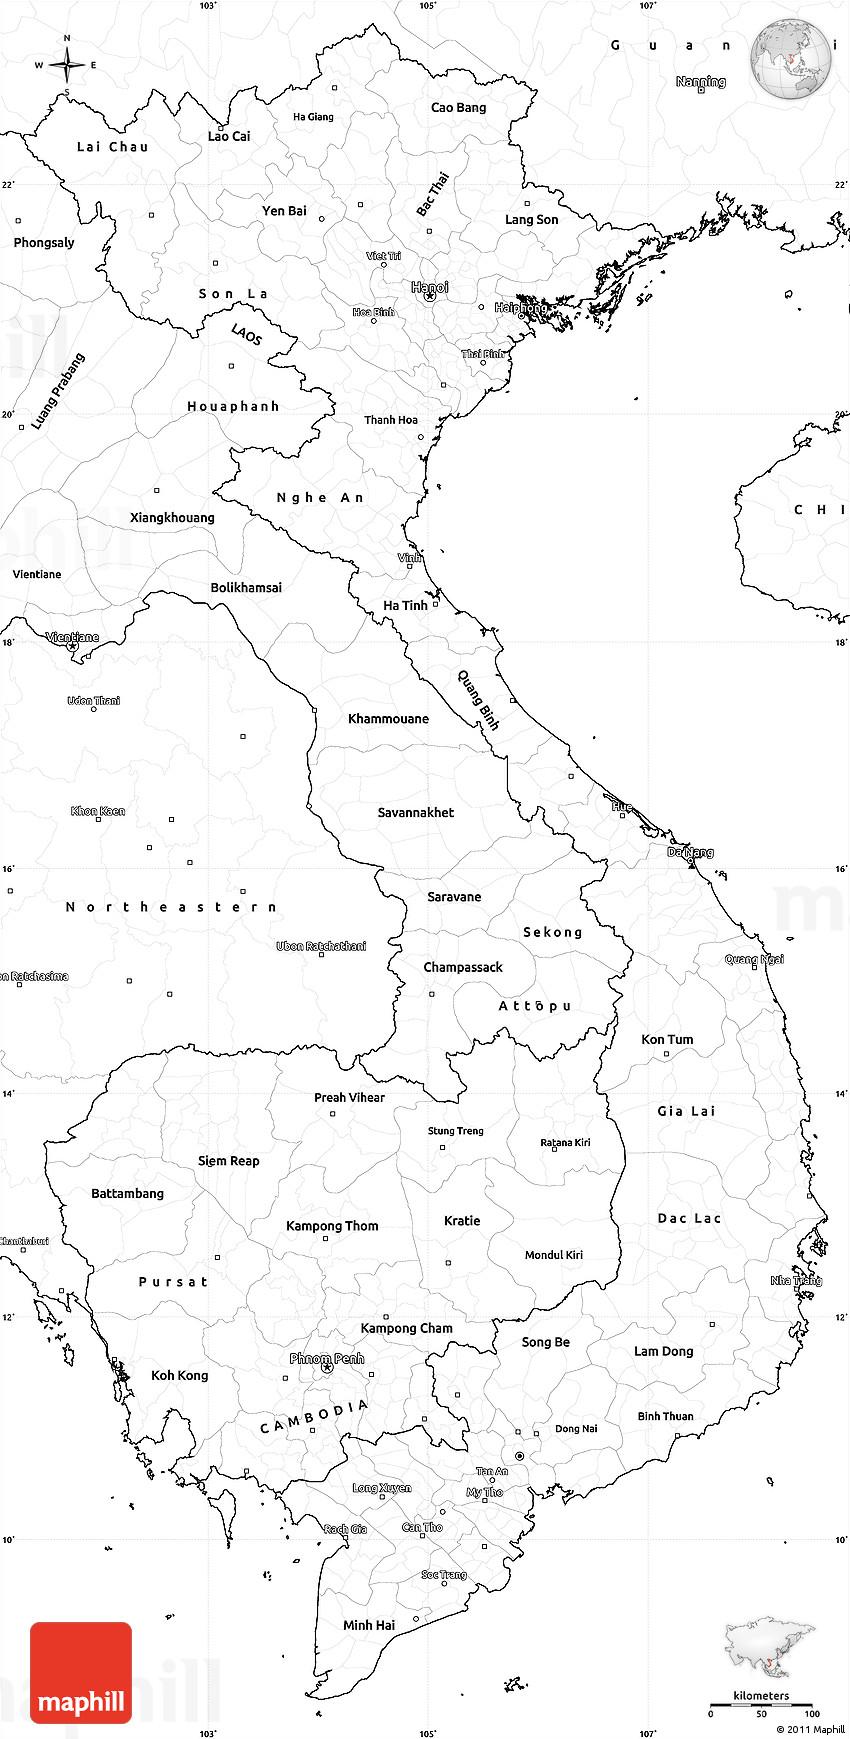 Blank Simple Map of Vietnam